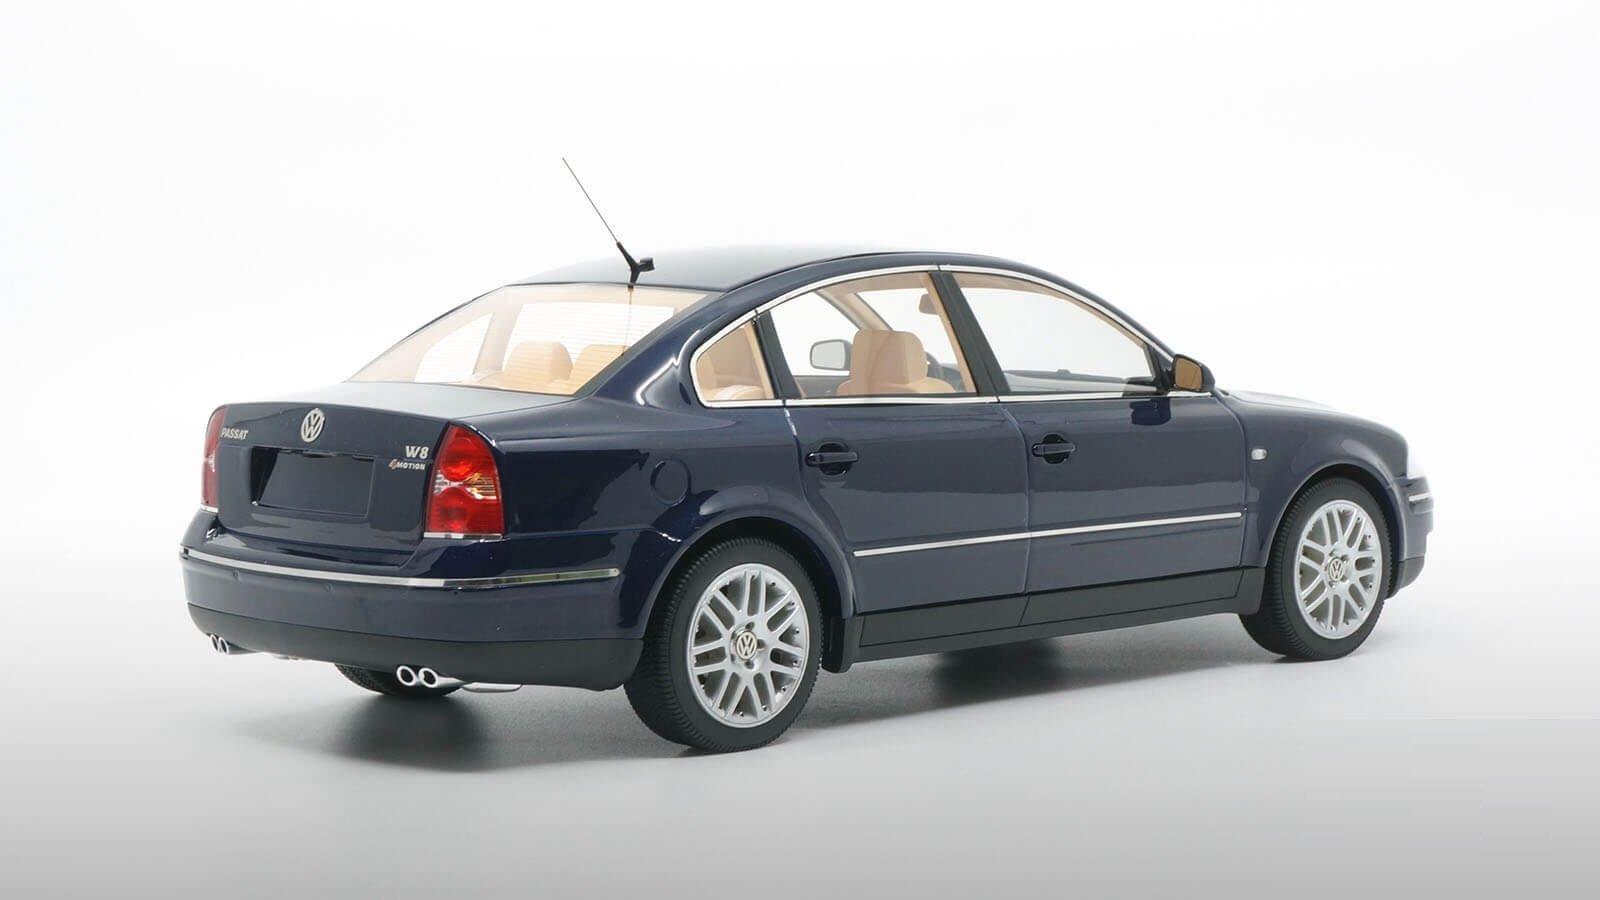 Volkswagen Passat W8 Scale Model Car 1 18 Dna Collectibles